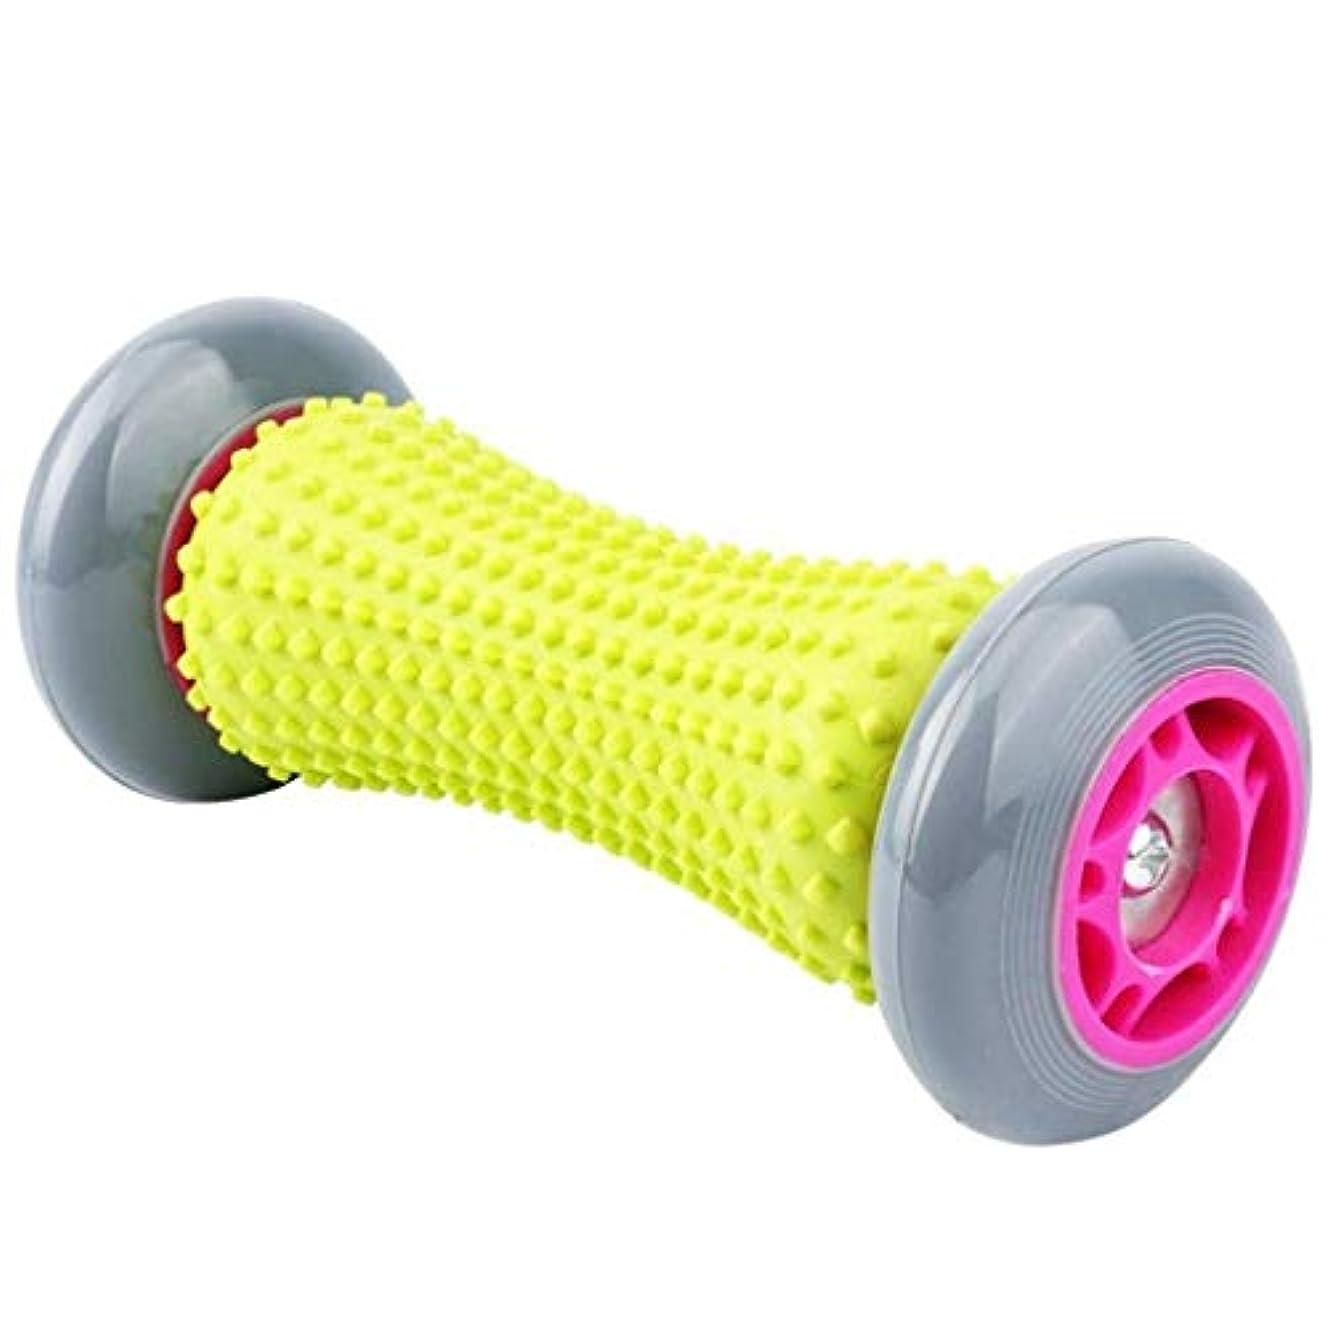 型名義で一足底筋膜炎とリフレクソロジーマッサージを緩和するために使用されるフットマッサージャー、フットマッサージボール、背中と脚のタイトな筋肉を回復するための深いツボ (Color : Grey)